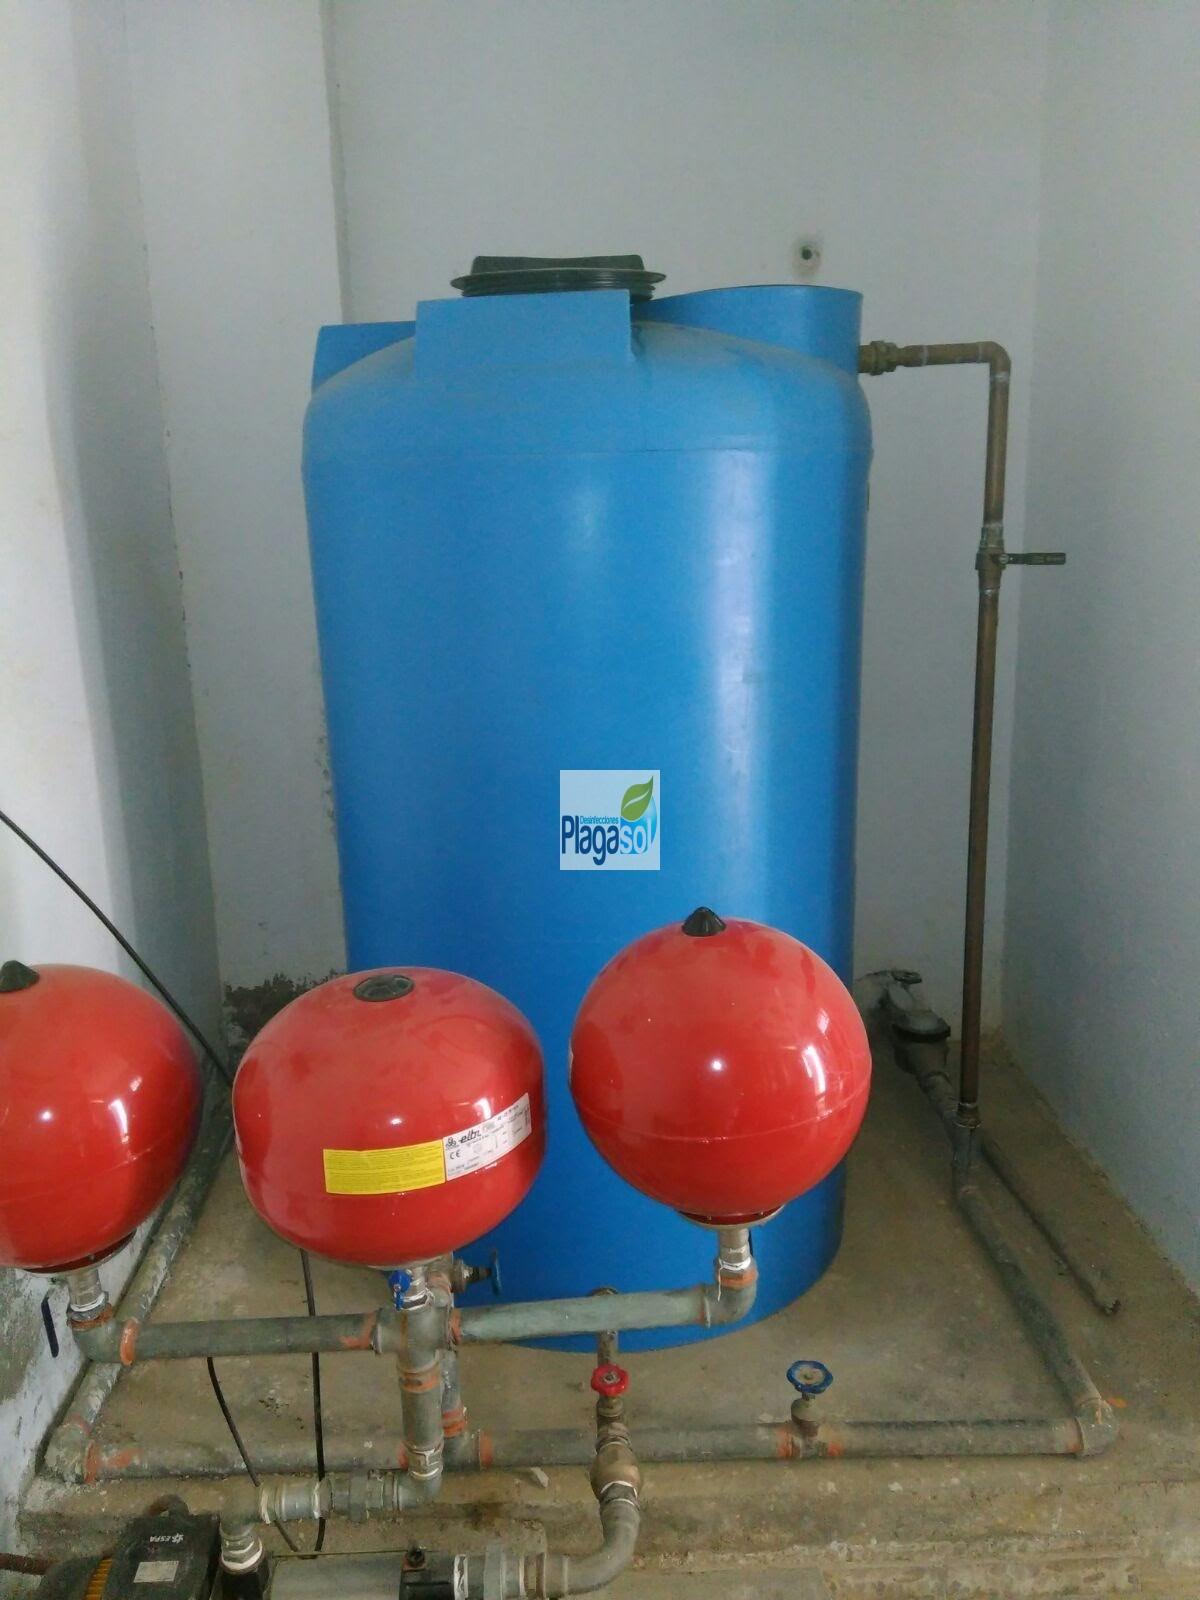 Limpieza afch la campana plagasol control de plagas for Control de plagas sevilla